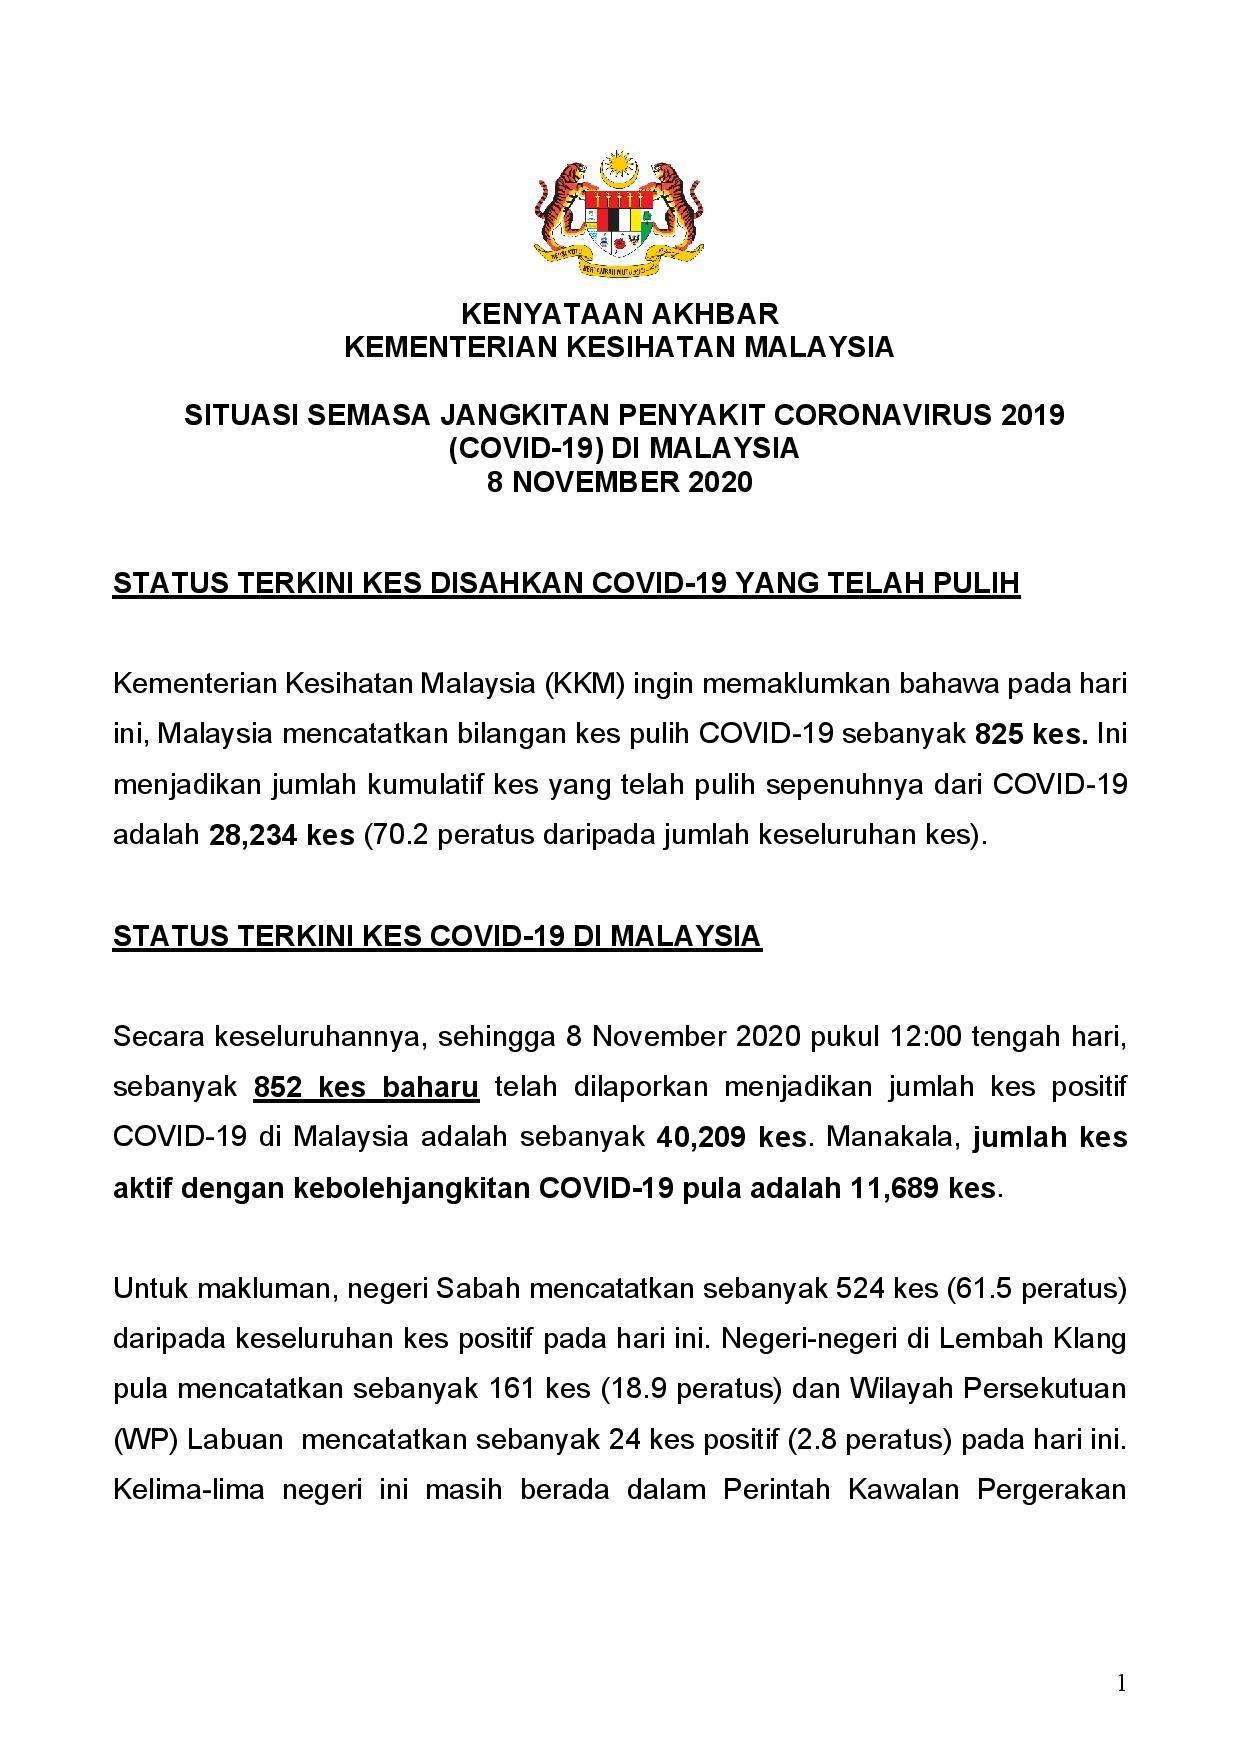 Kkmalaysia On Twitter Kenyataan Akhbar Situasi Semasa Jangkitan Covid 19 Di Malaysia 8 Nov 825 Kes Sembuh 852 Kes Baharu 2 Kluster Baharu 2 Kes Kematian Kkm Https T Co Gel26pkaju